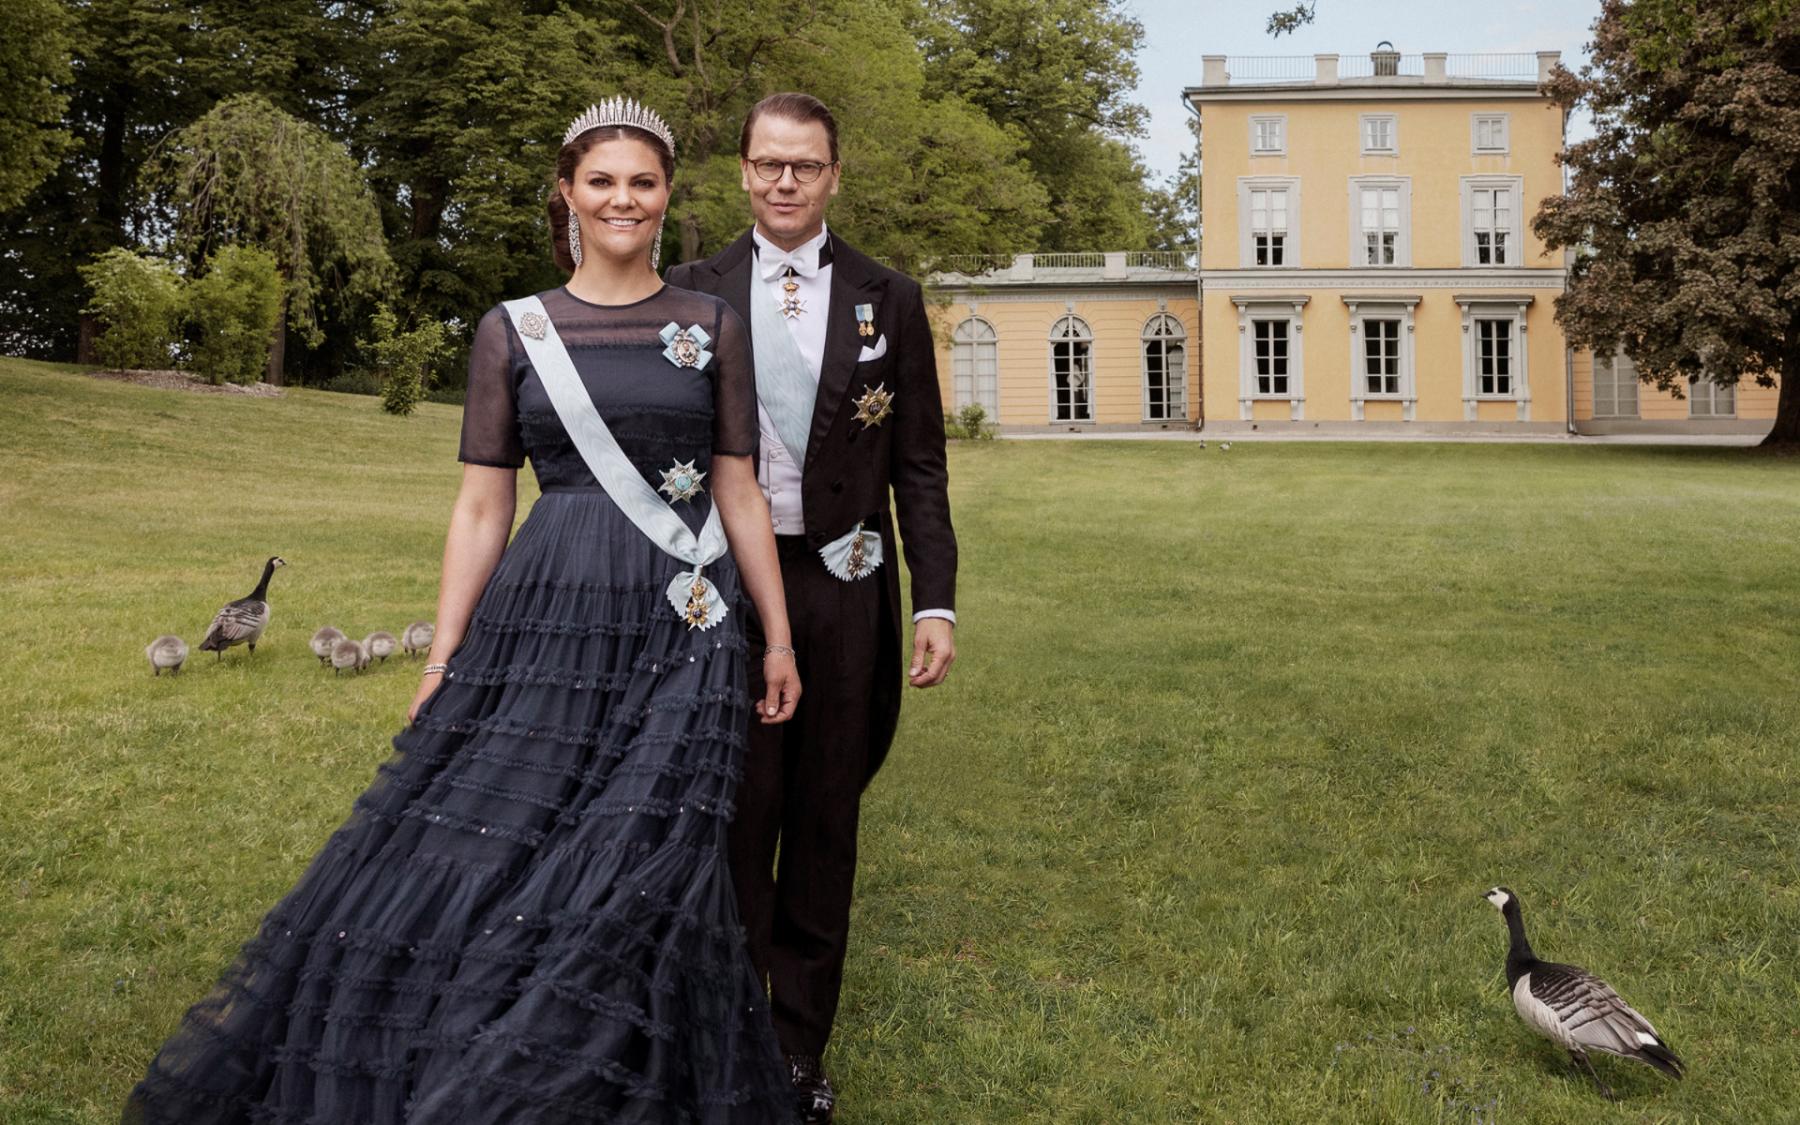 Drama en romantiek bij Zweedse royals: 'Prins trouwde een realityster met tattoo'